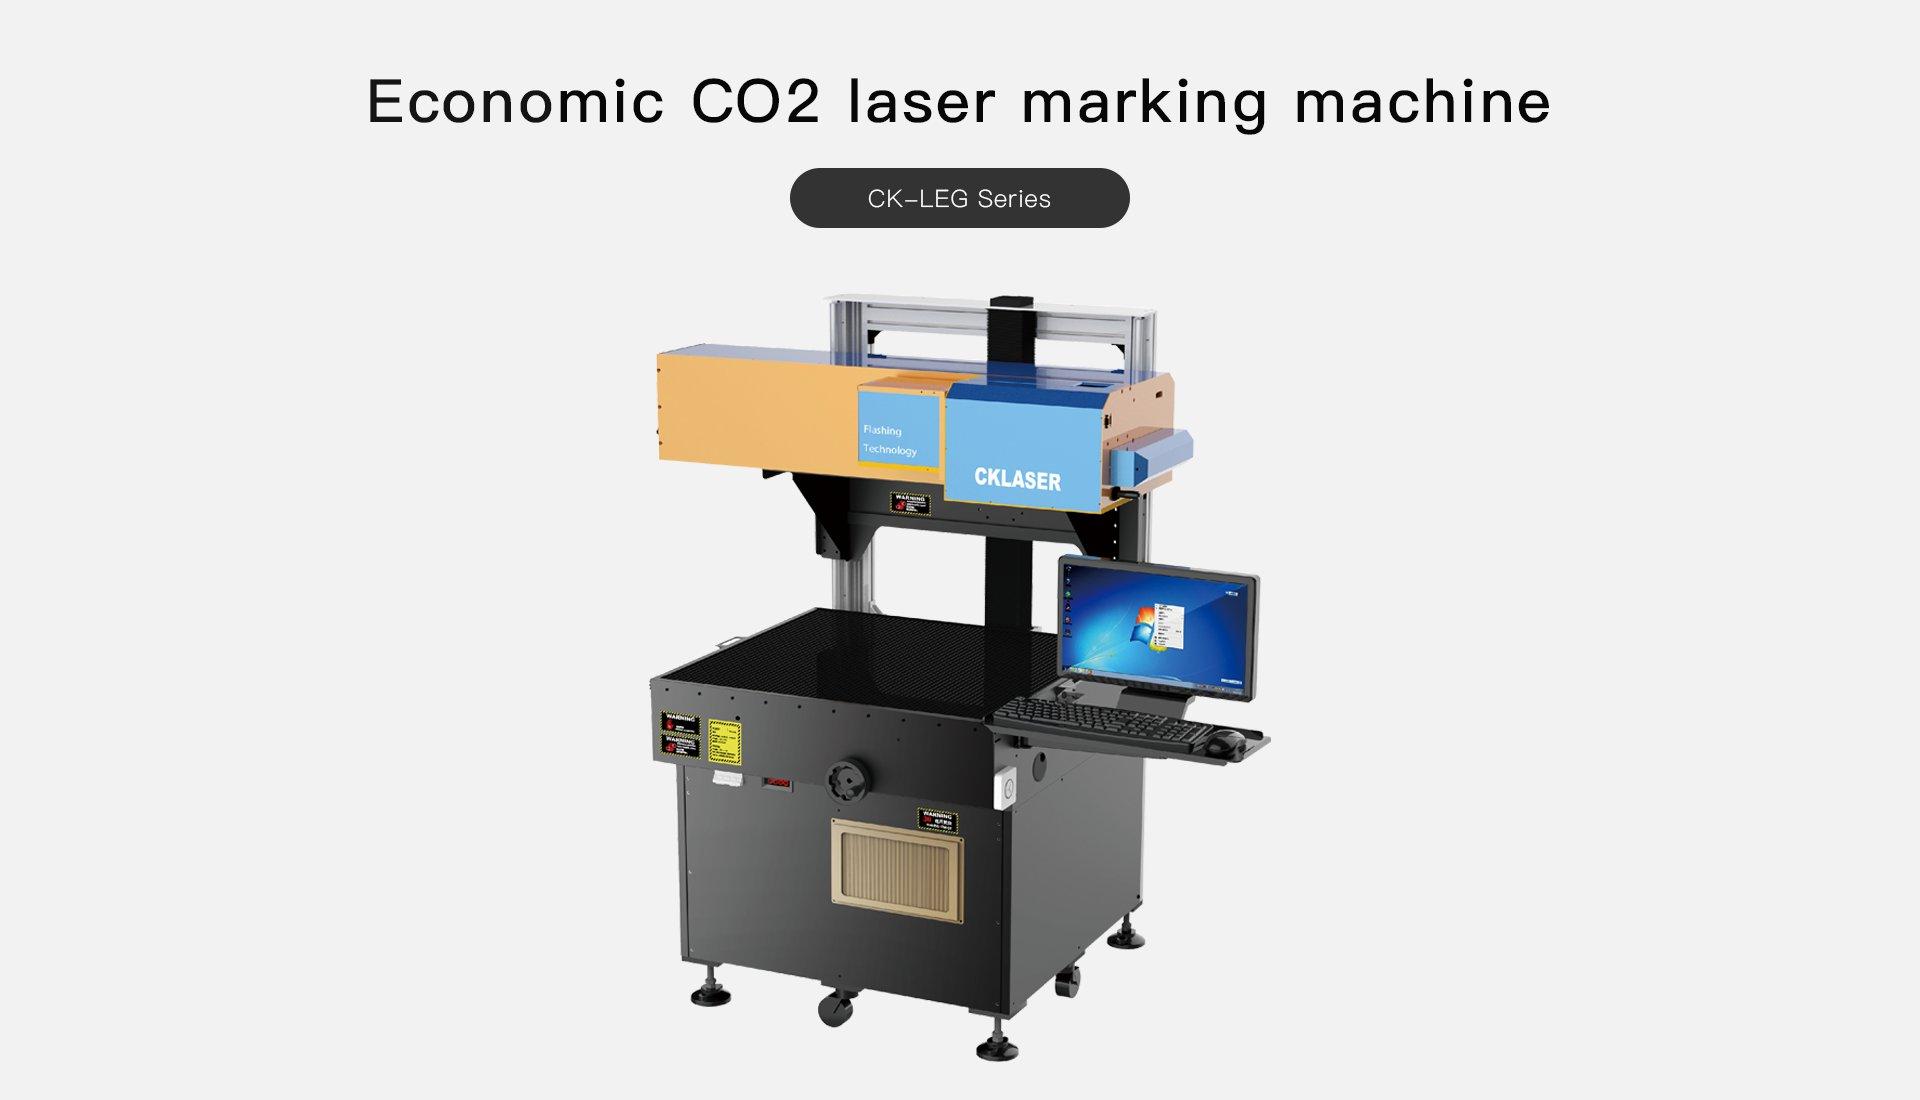 Taste Laser-co2 laser equipment